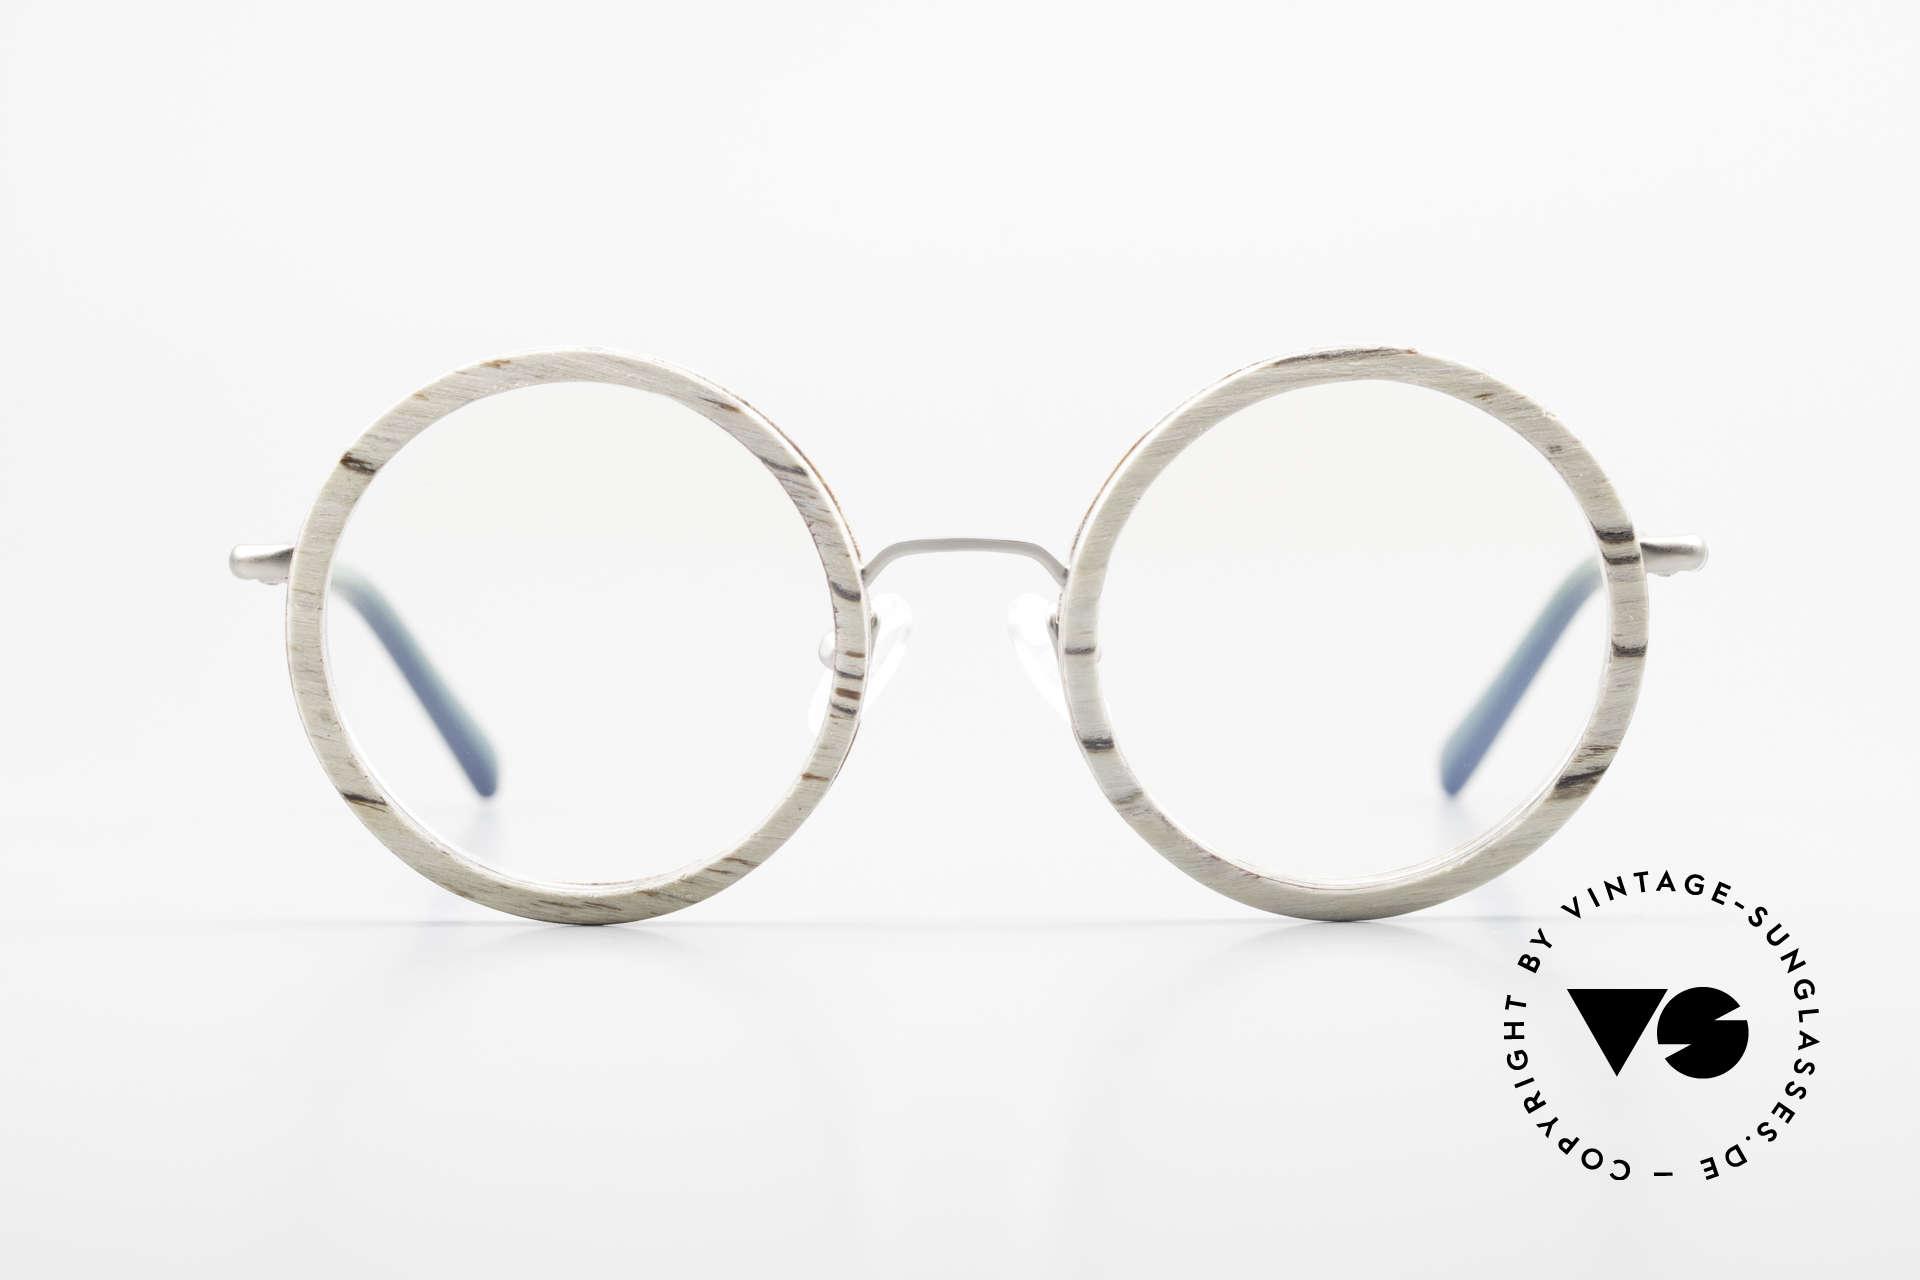 Kerbholz Rudolph Runde Holzbrille Weisse Birke, jedes Holz-Modell ist individuell (dank der Maserung), Passend für Herren und Damen